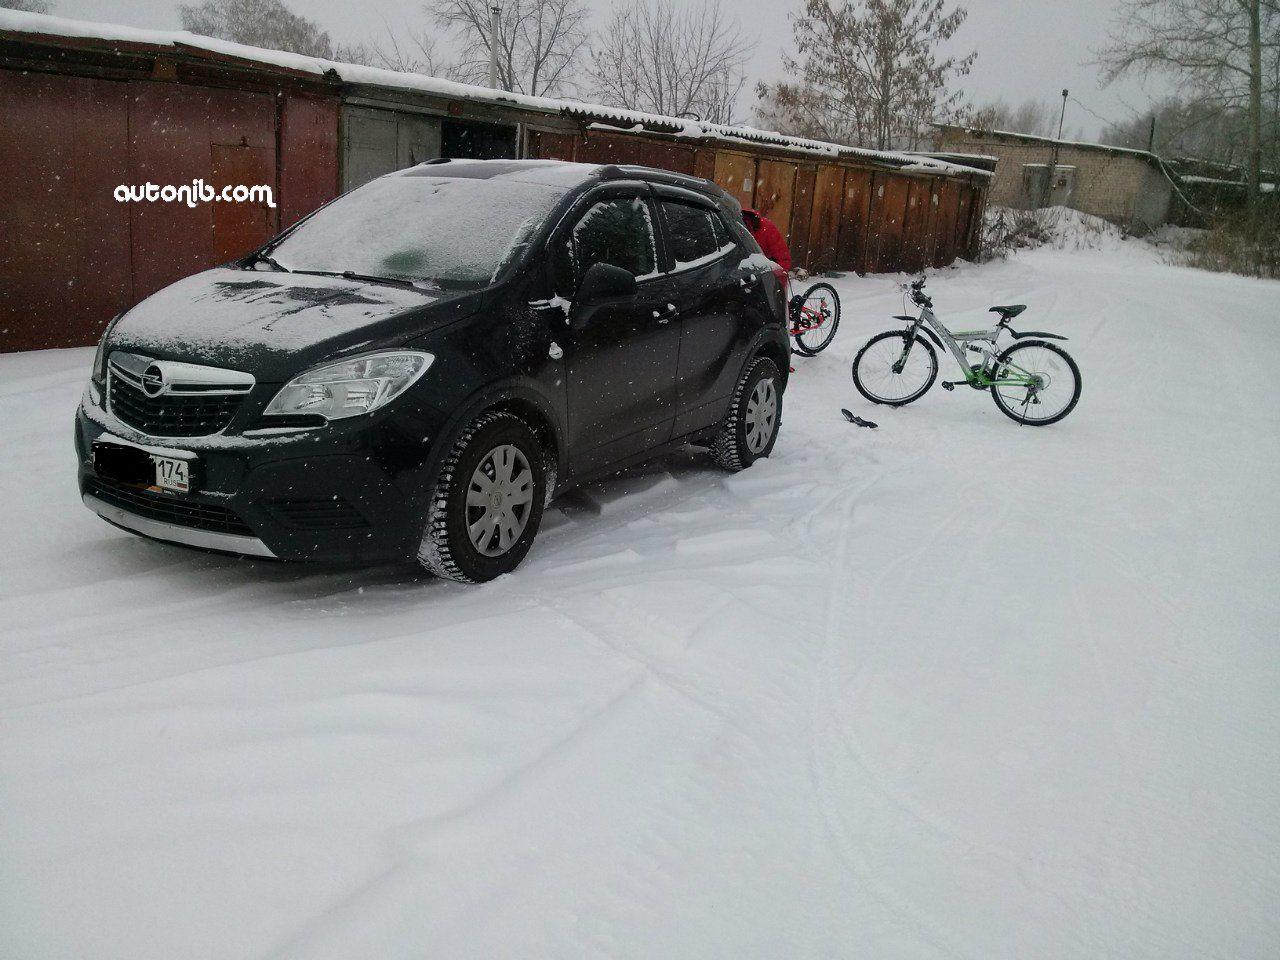 Купить Opel Astra 2013 года в городе Озерск